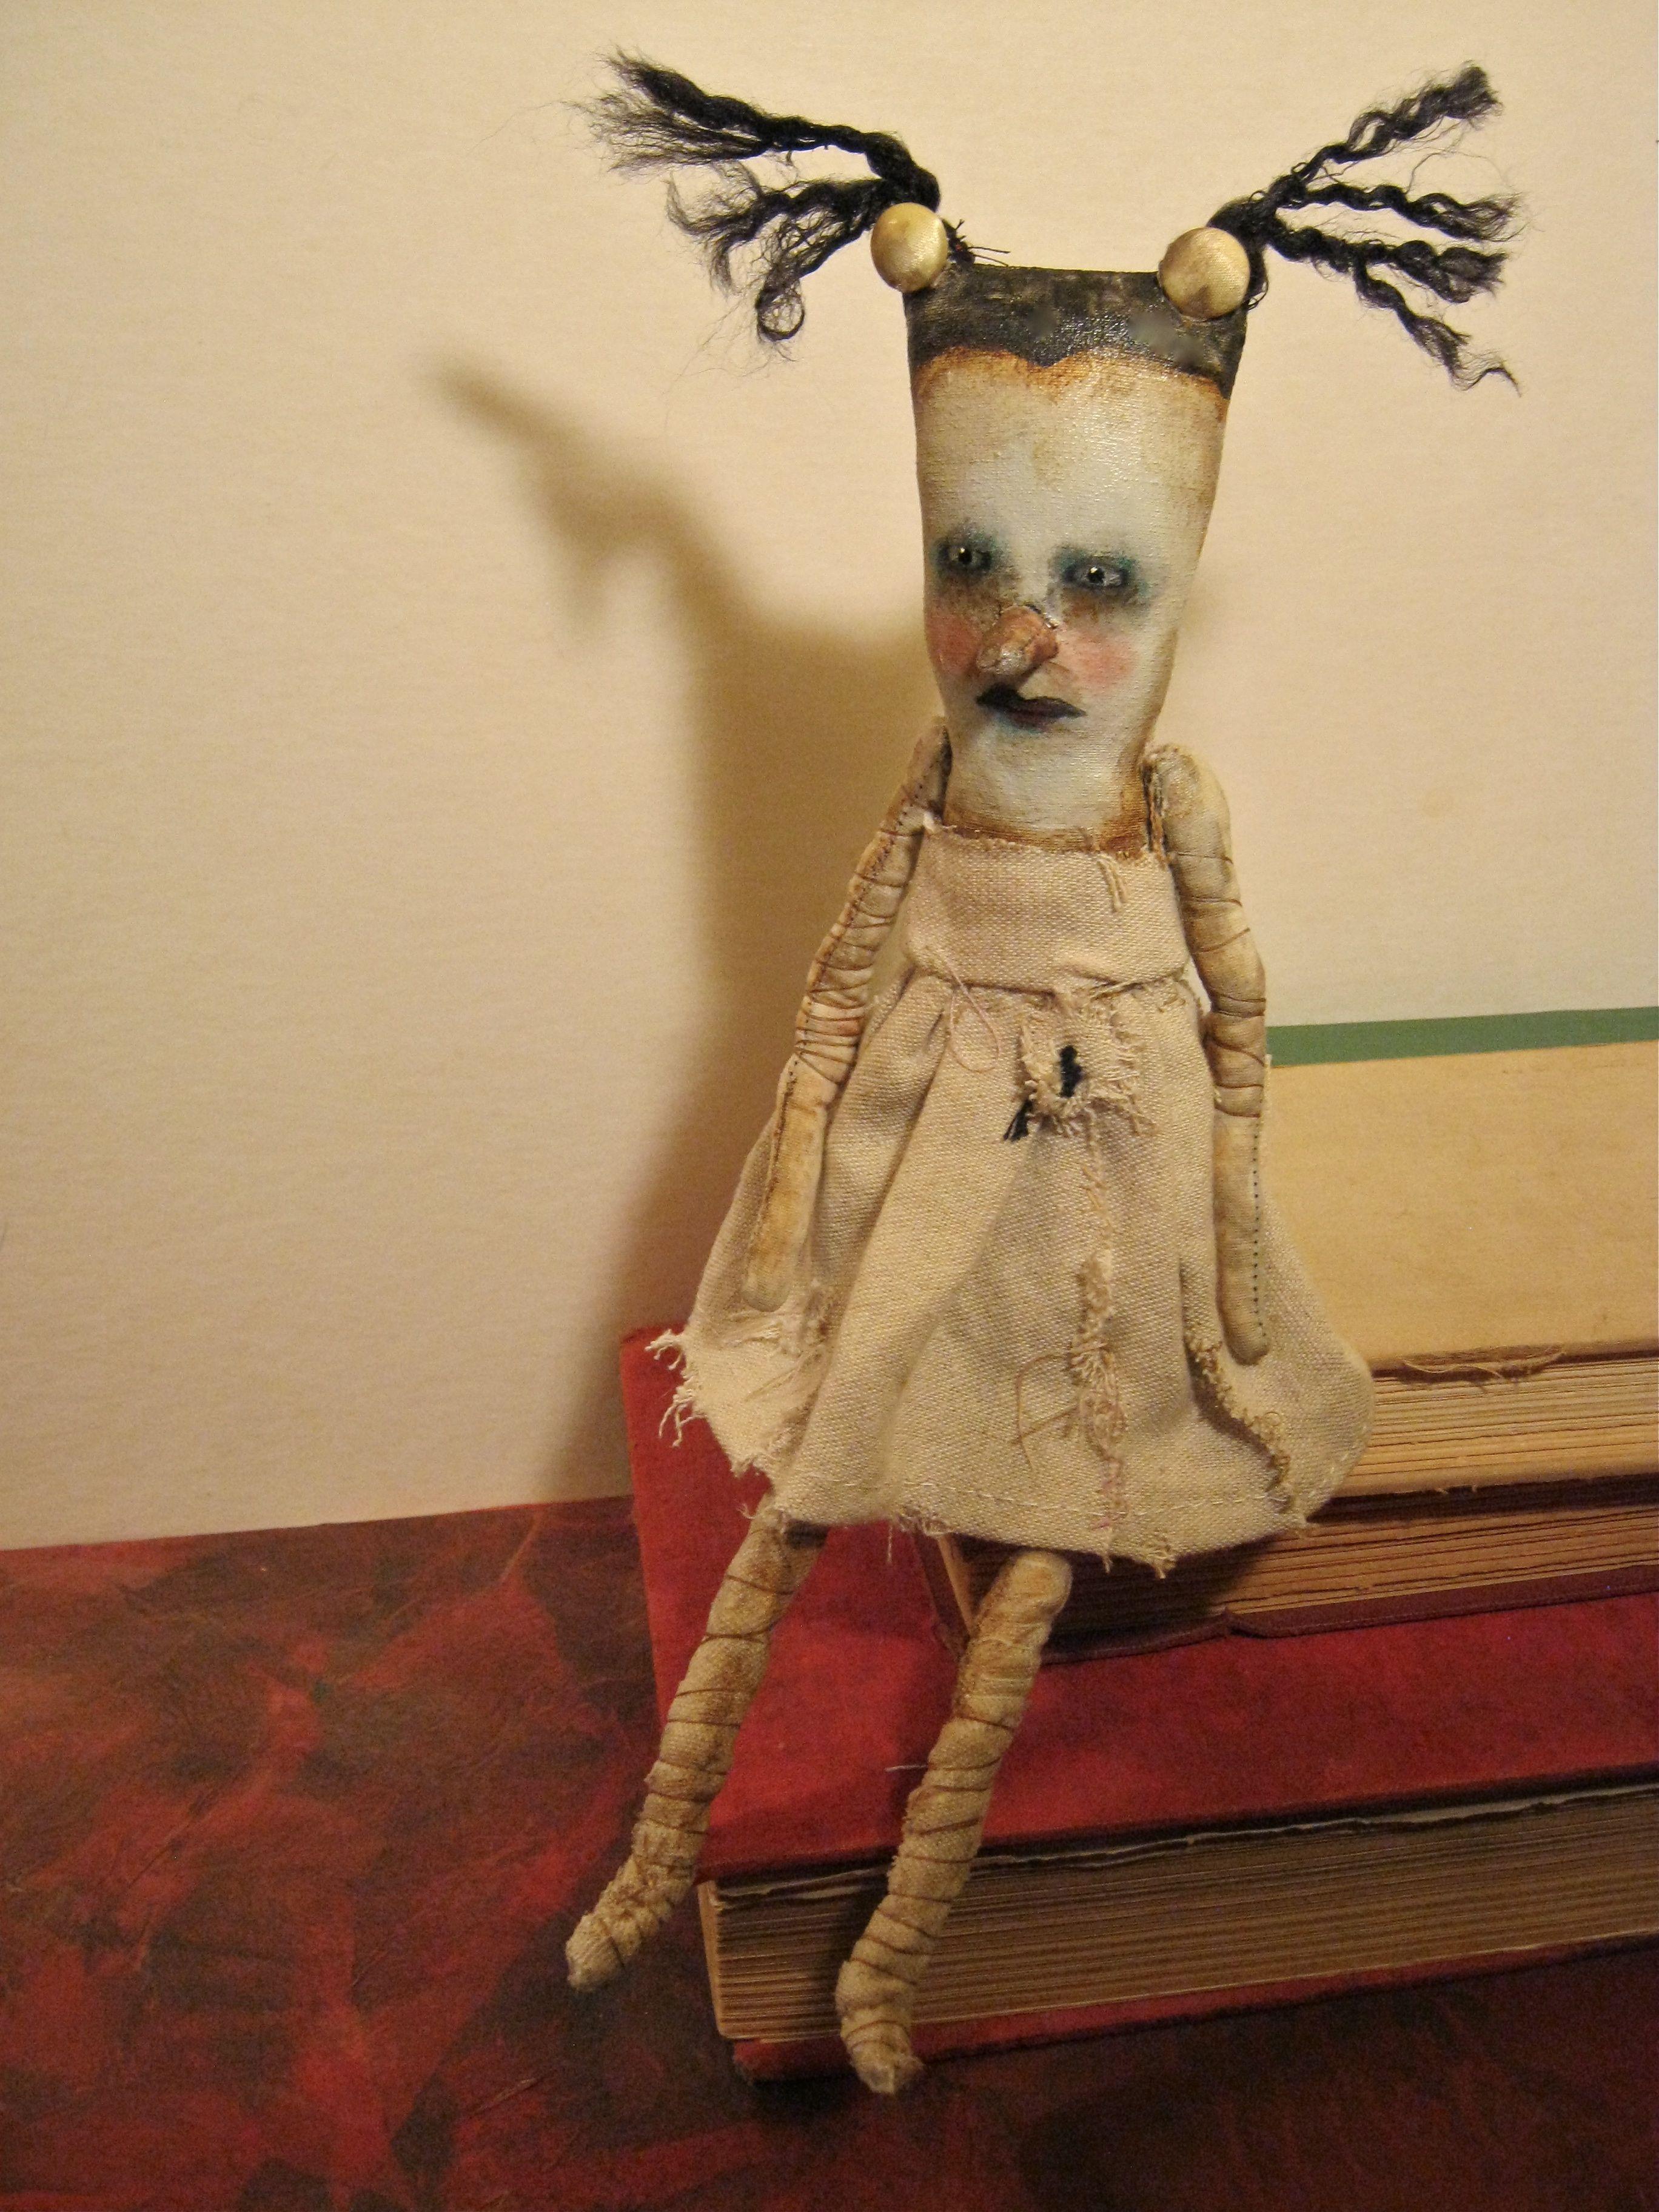 бывает верхней странные куклы фото включенных вентиляторах двигатель